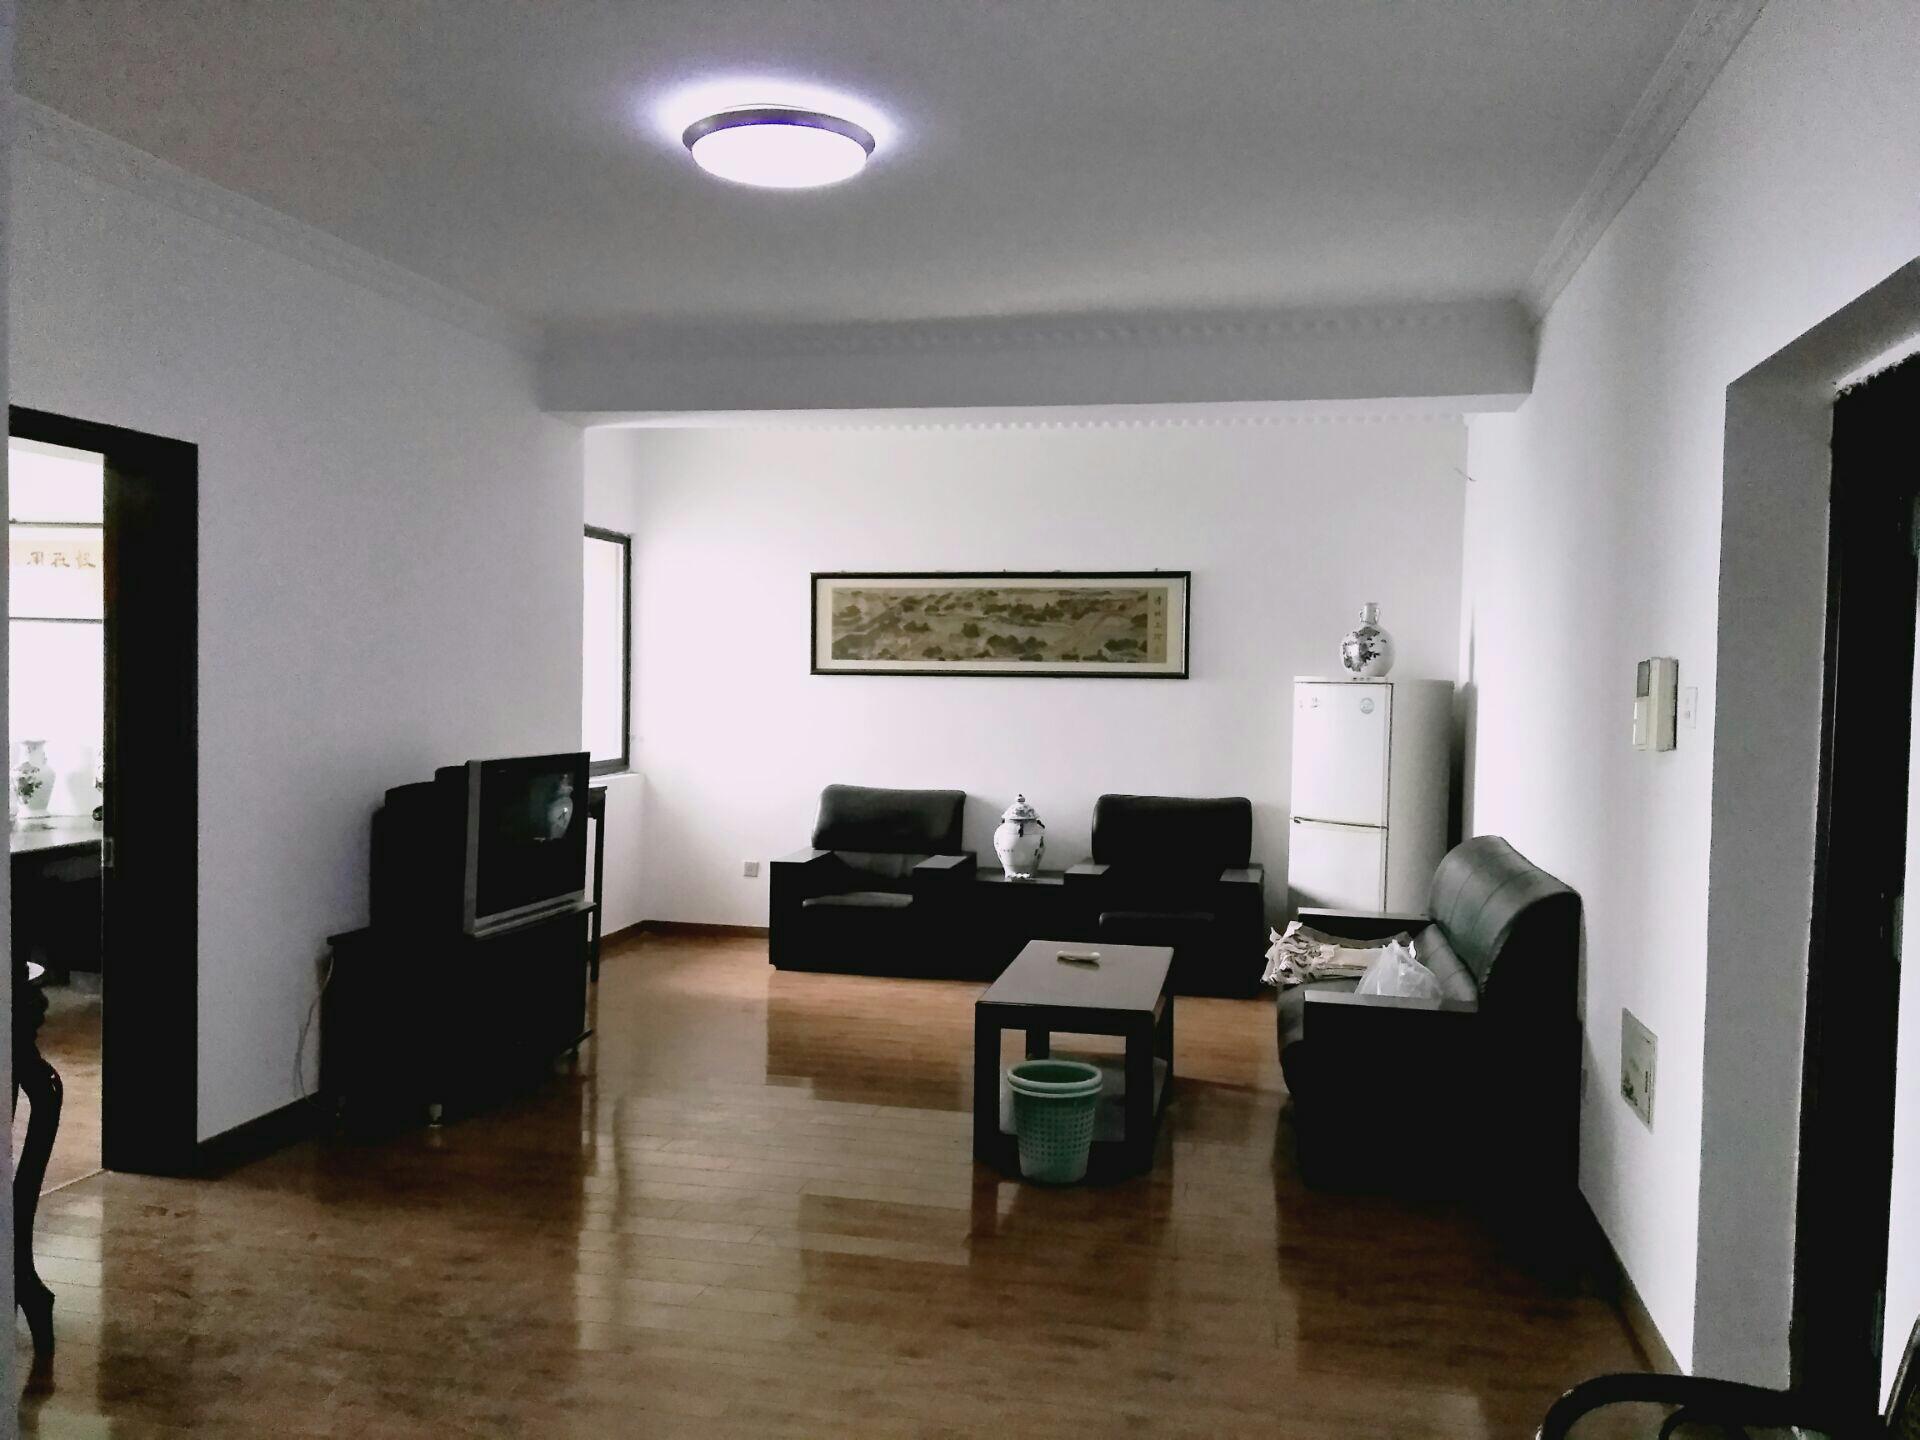 财富中心 107平米 简装2室 适合办公 家具齐全_1